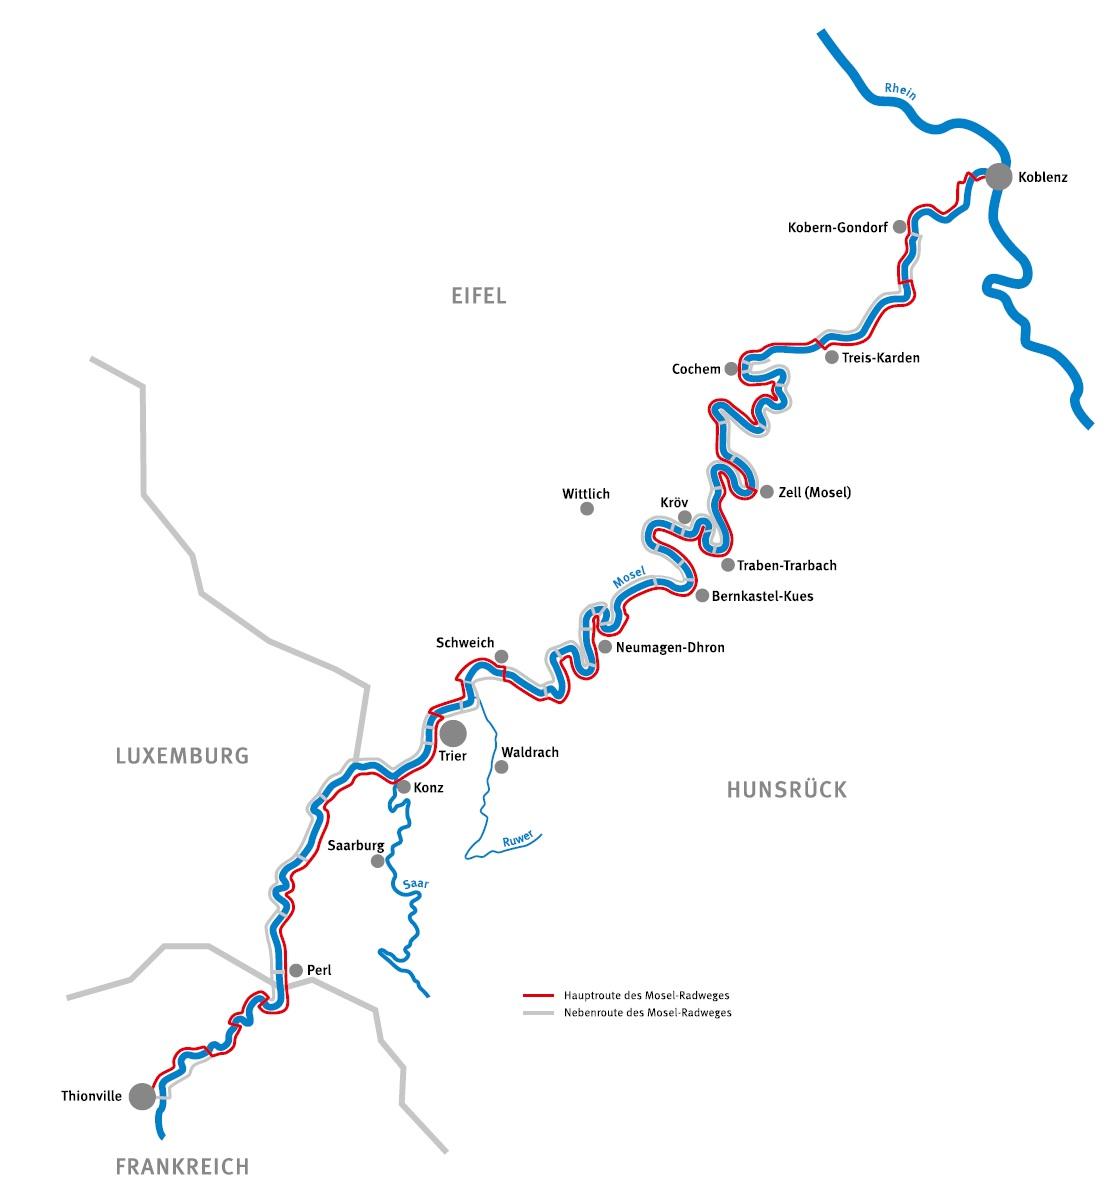 Der Mosel-Radweg führt von Koblenz bis nach Perl